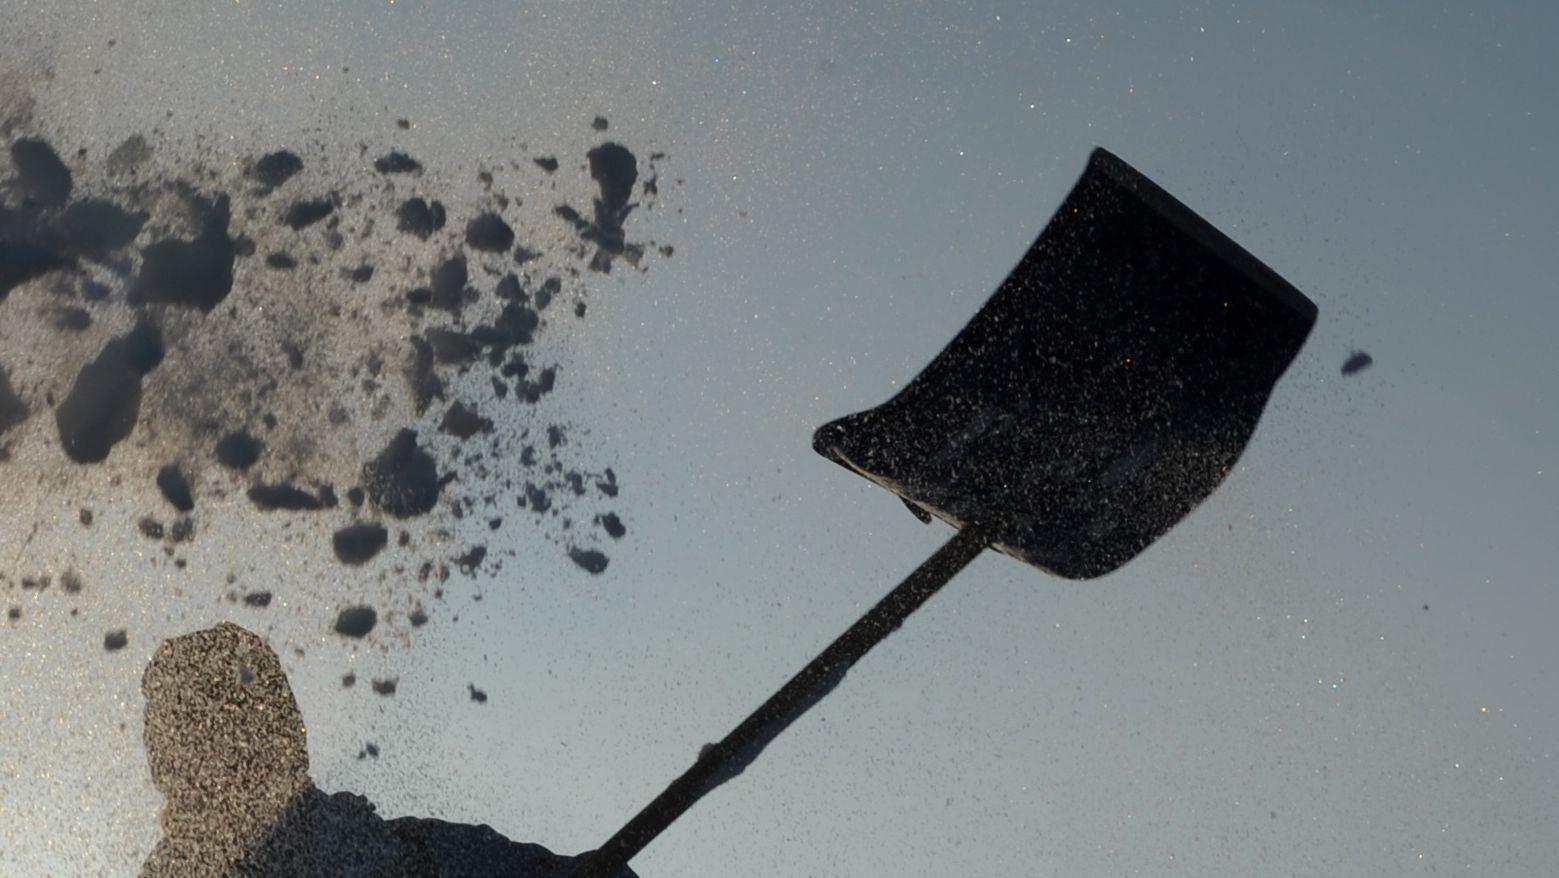 Ein Mann schwingt eine Schneeschaufel